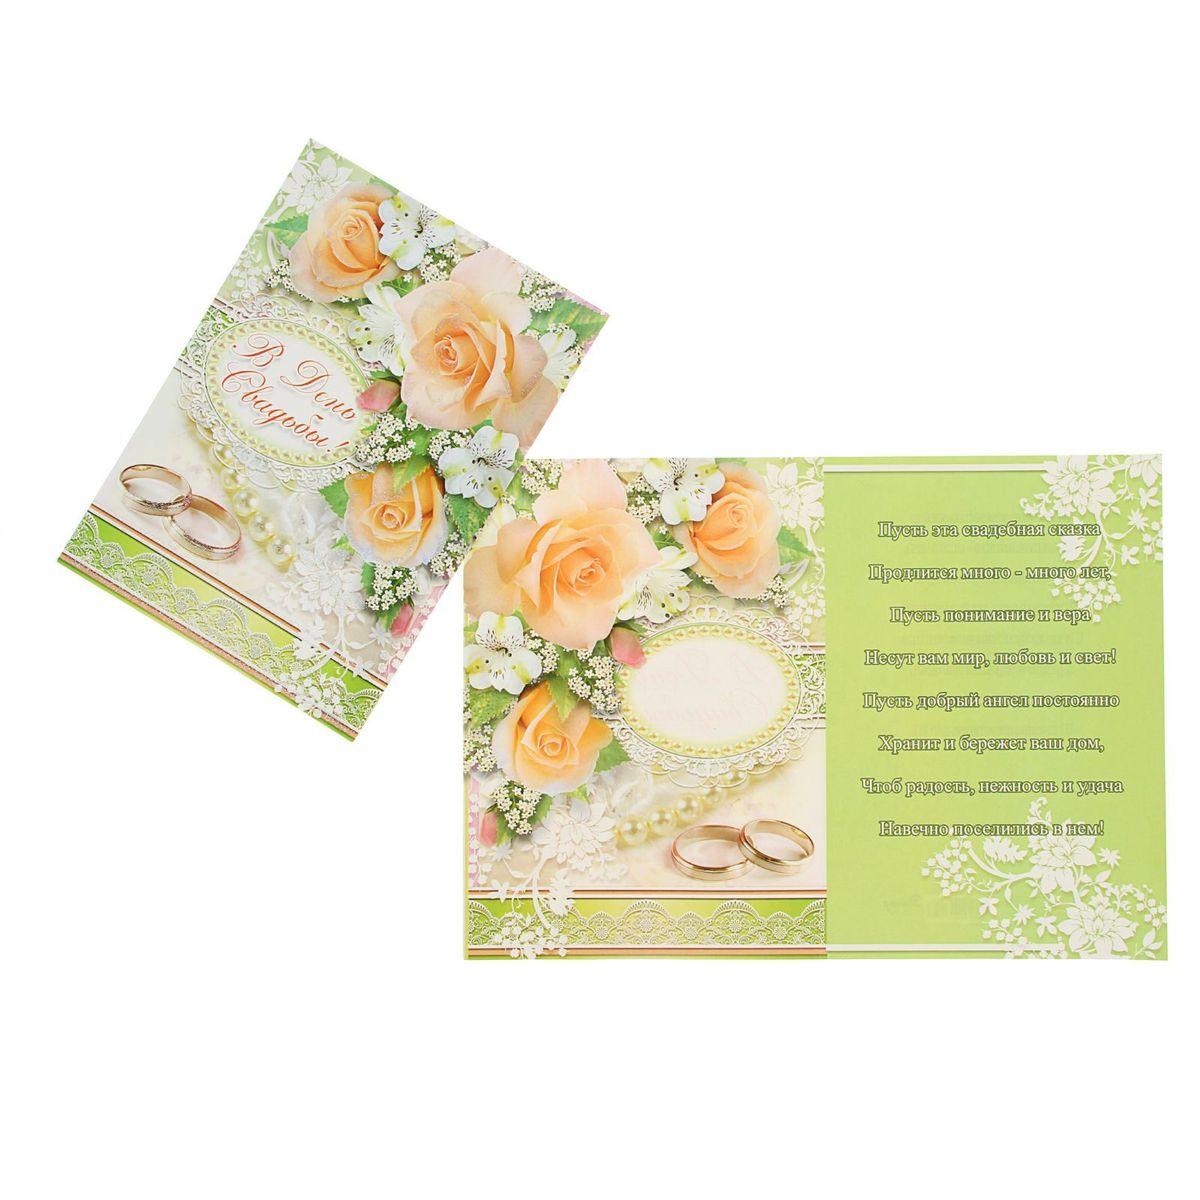 Открытка Sima-land В день свадьбы! Розы и кольца1351156Если вы хотите порадовать себя или близких, создать праздничное настроение и с улыбкой провести памятный день, то вы, несомненно, сделали правильный выбор! Открытка Sima-land В день свадьбы! Розы и кольца, выполненная из плотной бумаги, отличается не только оригинальным дизайном, но и высоким качеством. Лицевая сторона изделия оформлена ярким изображением. Внутри открытка содержит текст с поздравлением. Такая открытка непременно порадует получателя и станет отличным напоминанием о проведенном вместе времени. Формат открытки: А4. Плотность: 250 г/м2.